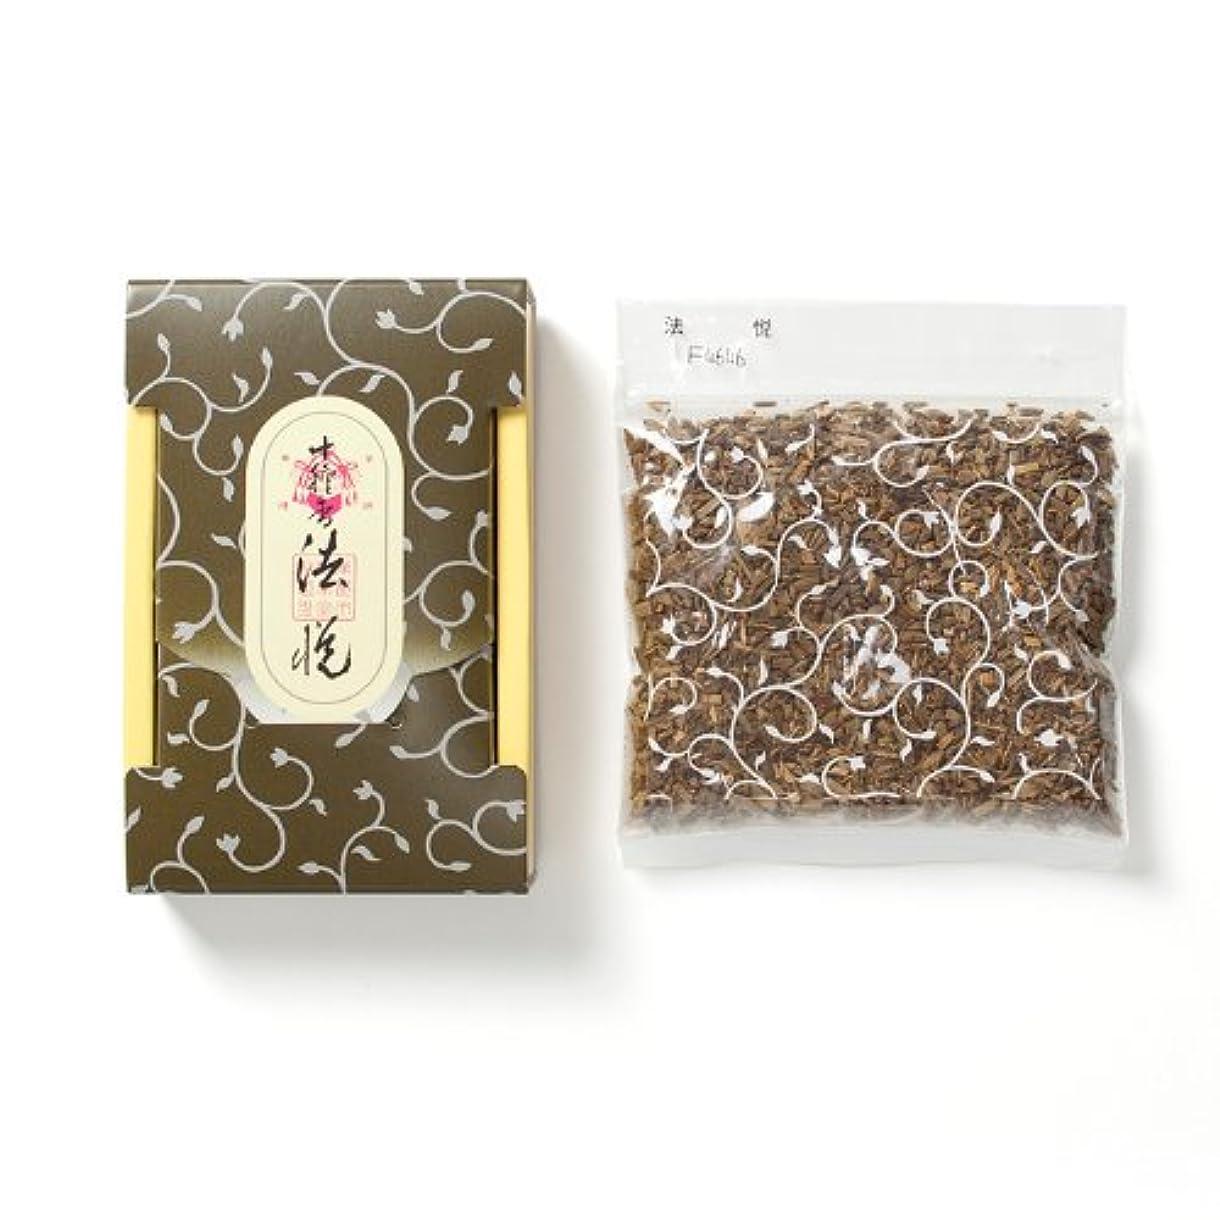 共同選択できない献身松栄堂のお焼香 十種香 法悦 25g詰 小箱入 #411041